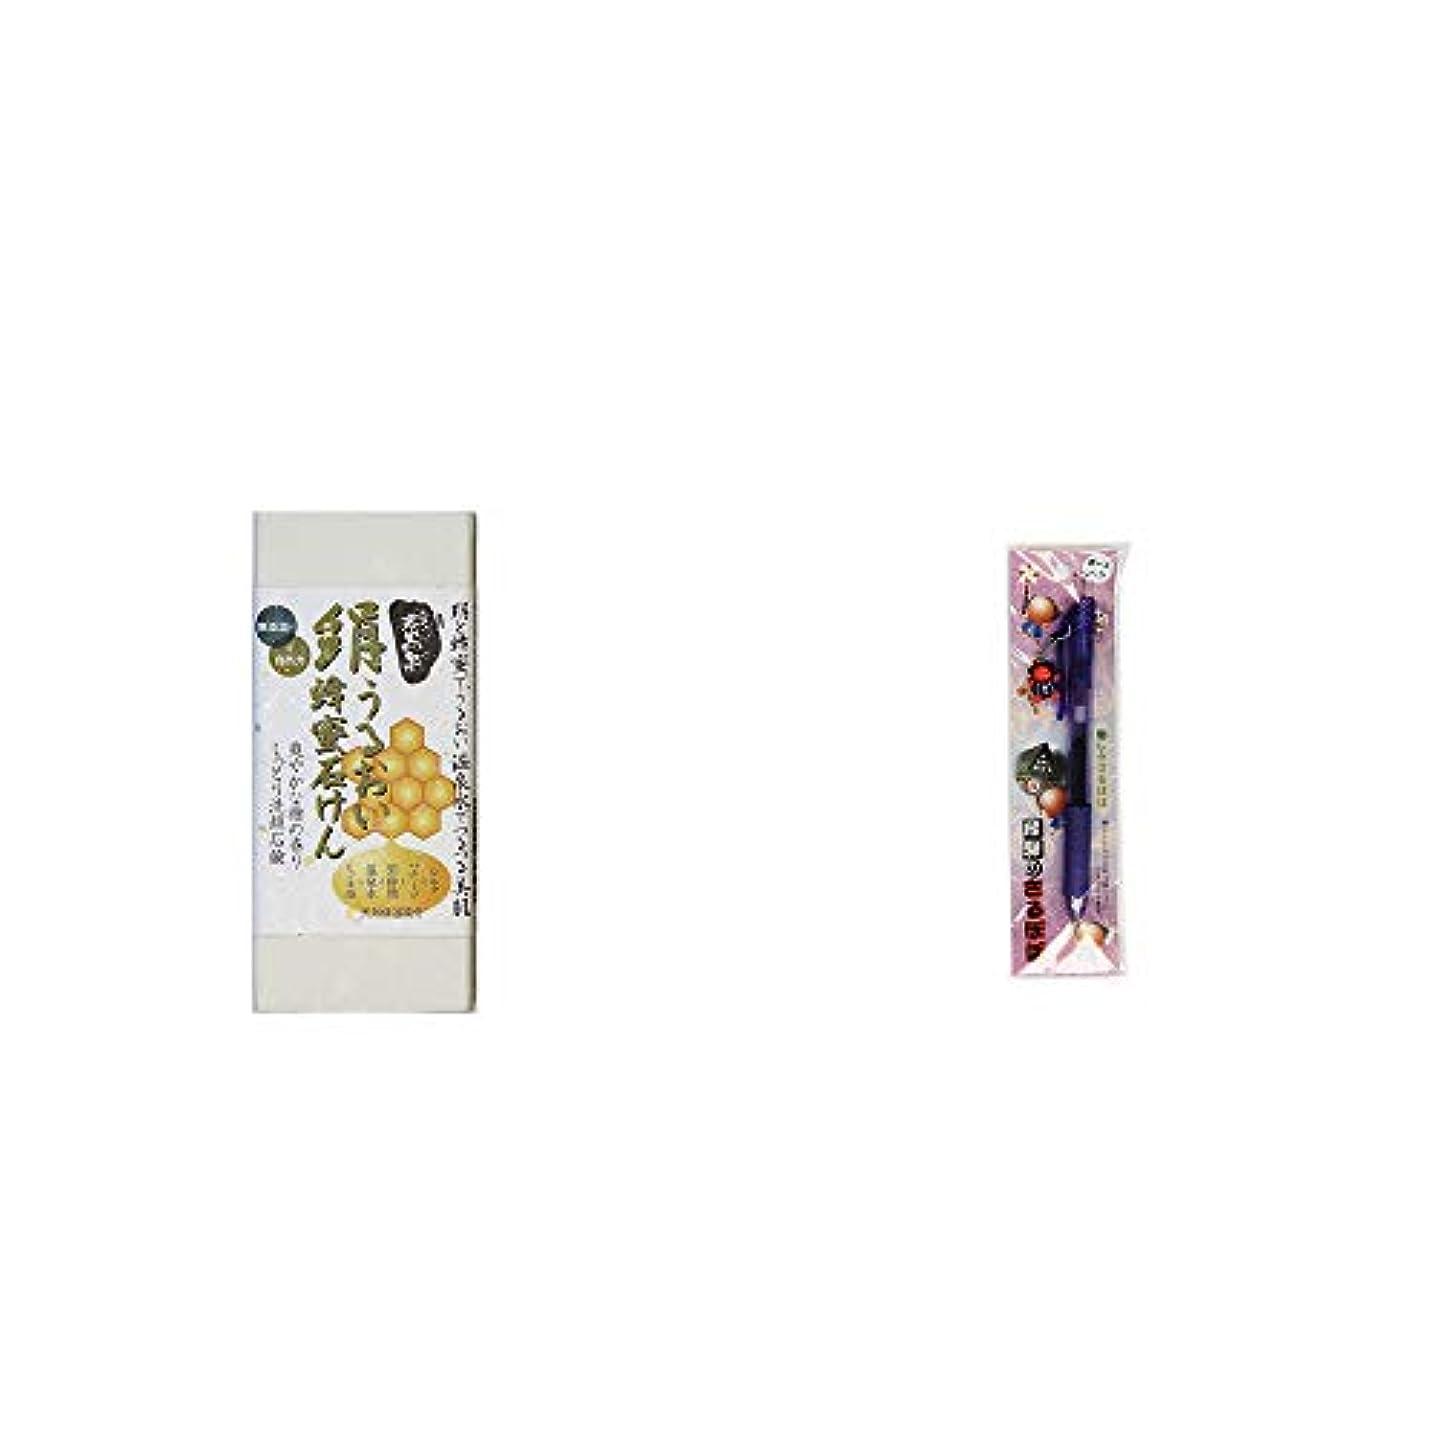 水曜日通り抜けるオーラル[2点セット] ひのき炭黒泉 絹うるおい蜂蜜石けん(75g×2)?さるぼぼ 癒しボールペン 【パープル】